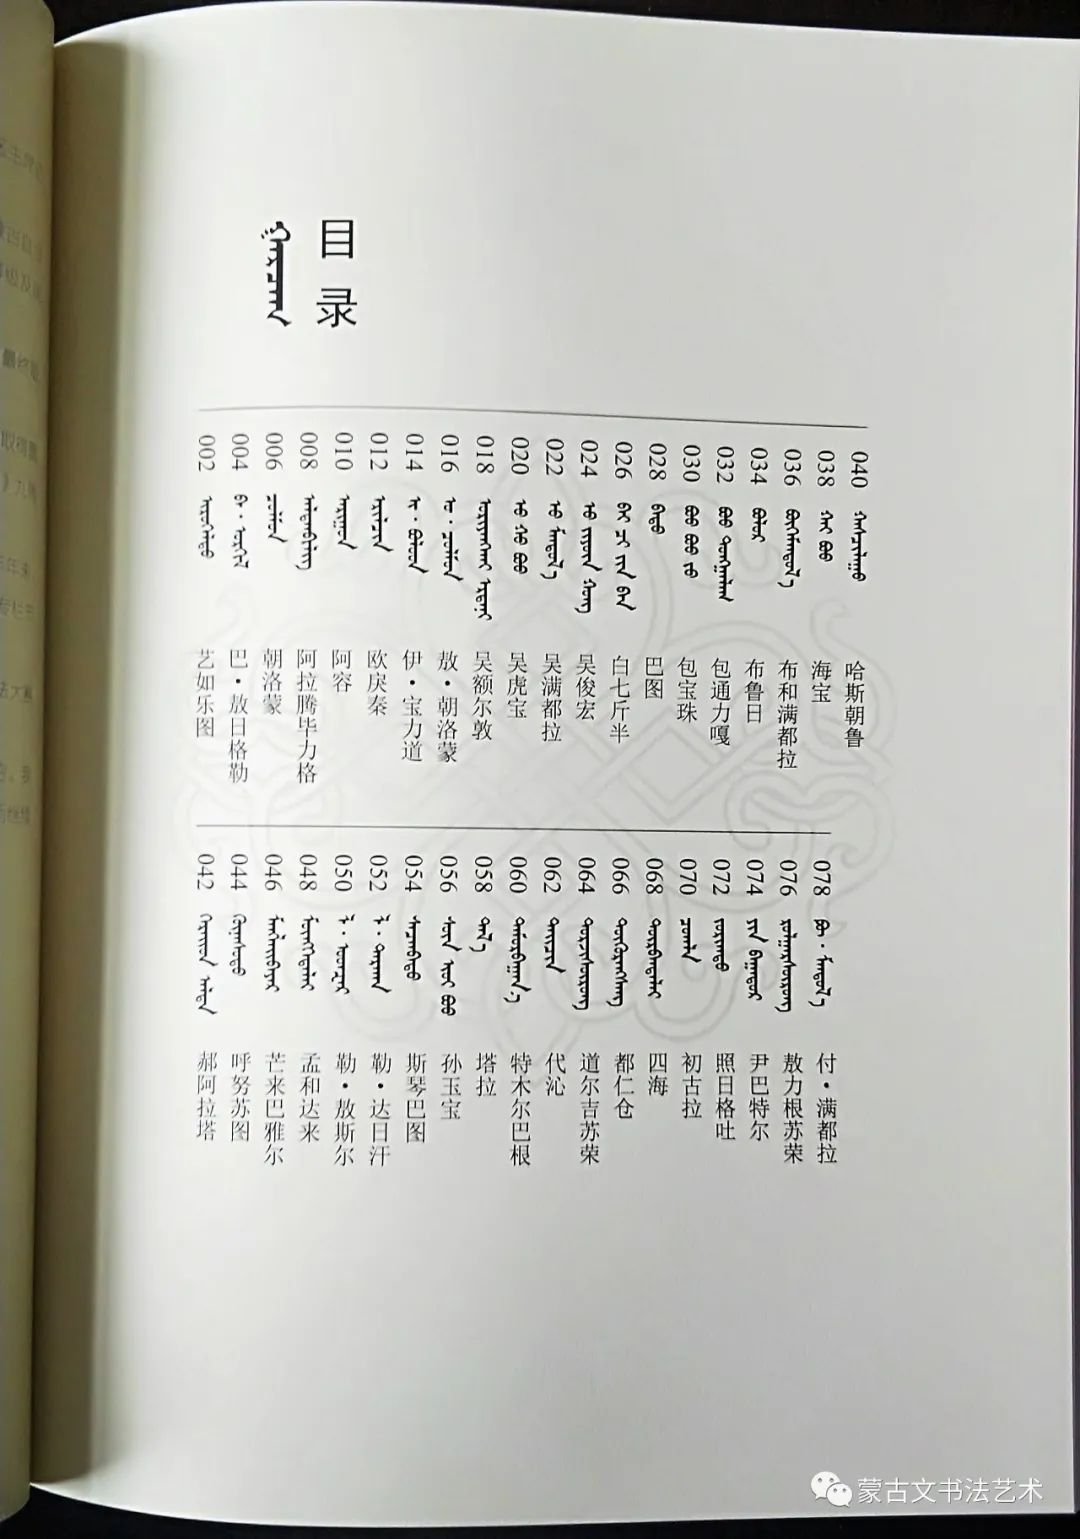 蒙古文书法全集 第27张 蒙古文书法全集 蒙古书法